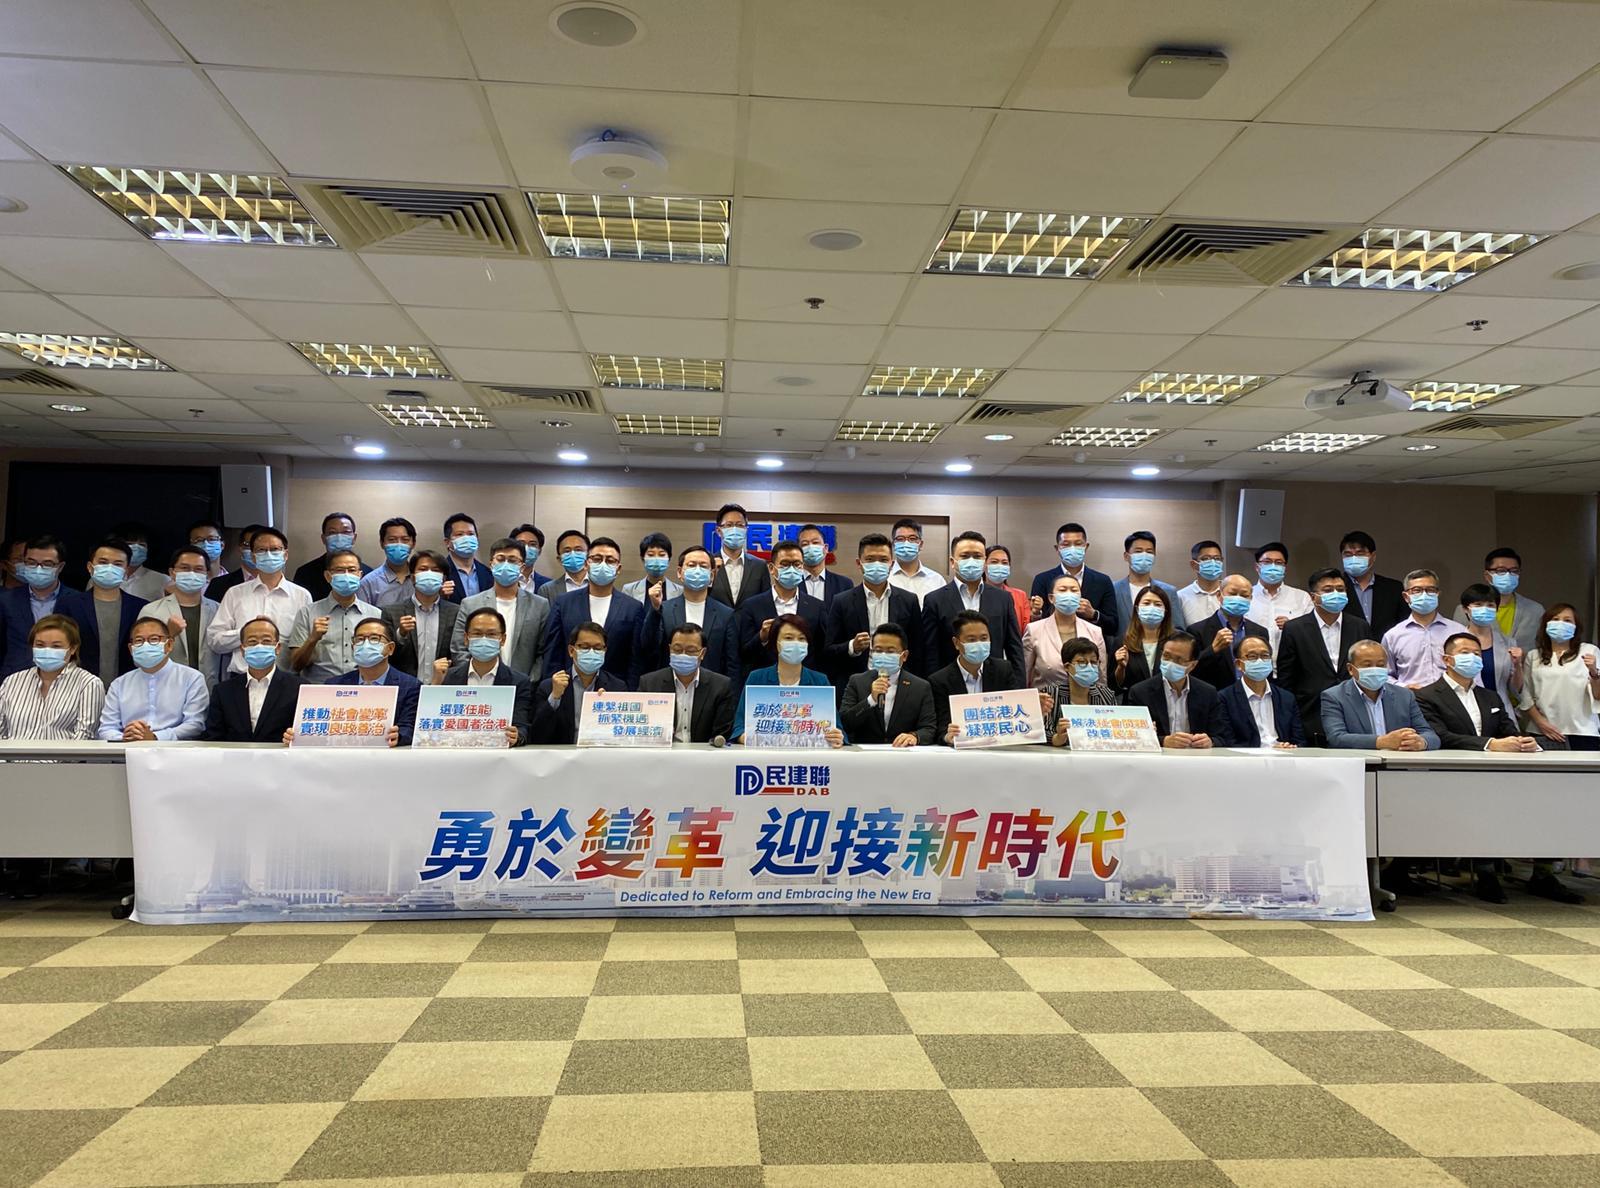 民建联在选委会选举中夺得超过150席后,召开记者会。(刘少风 摄)